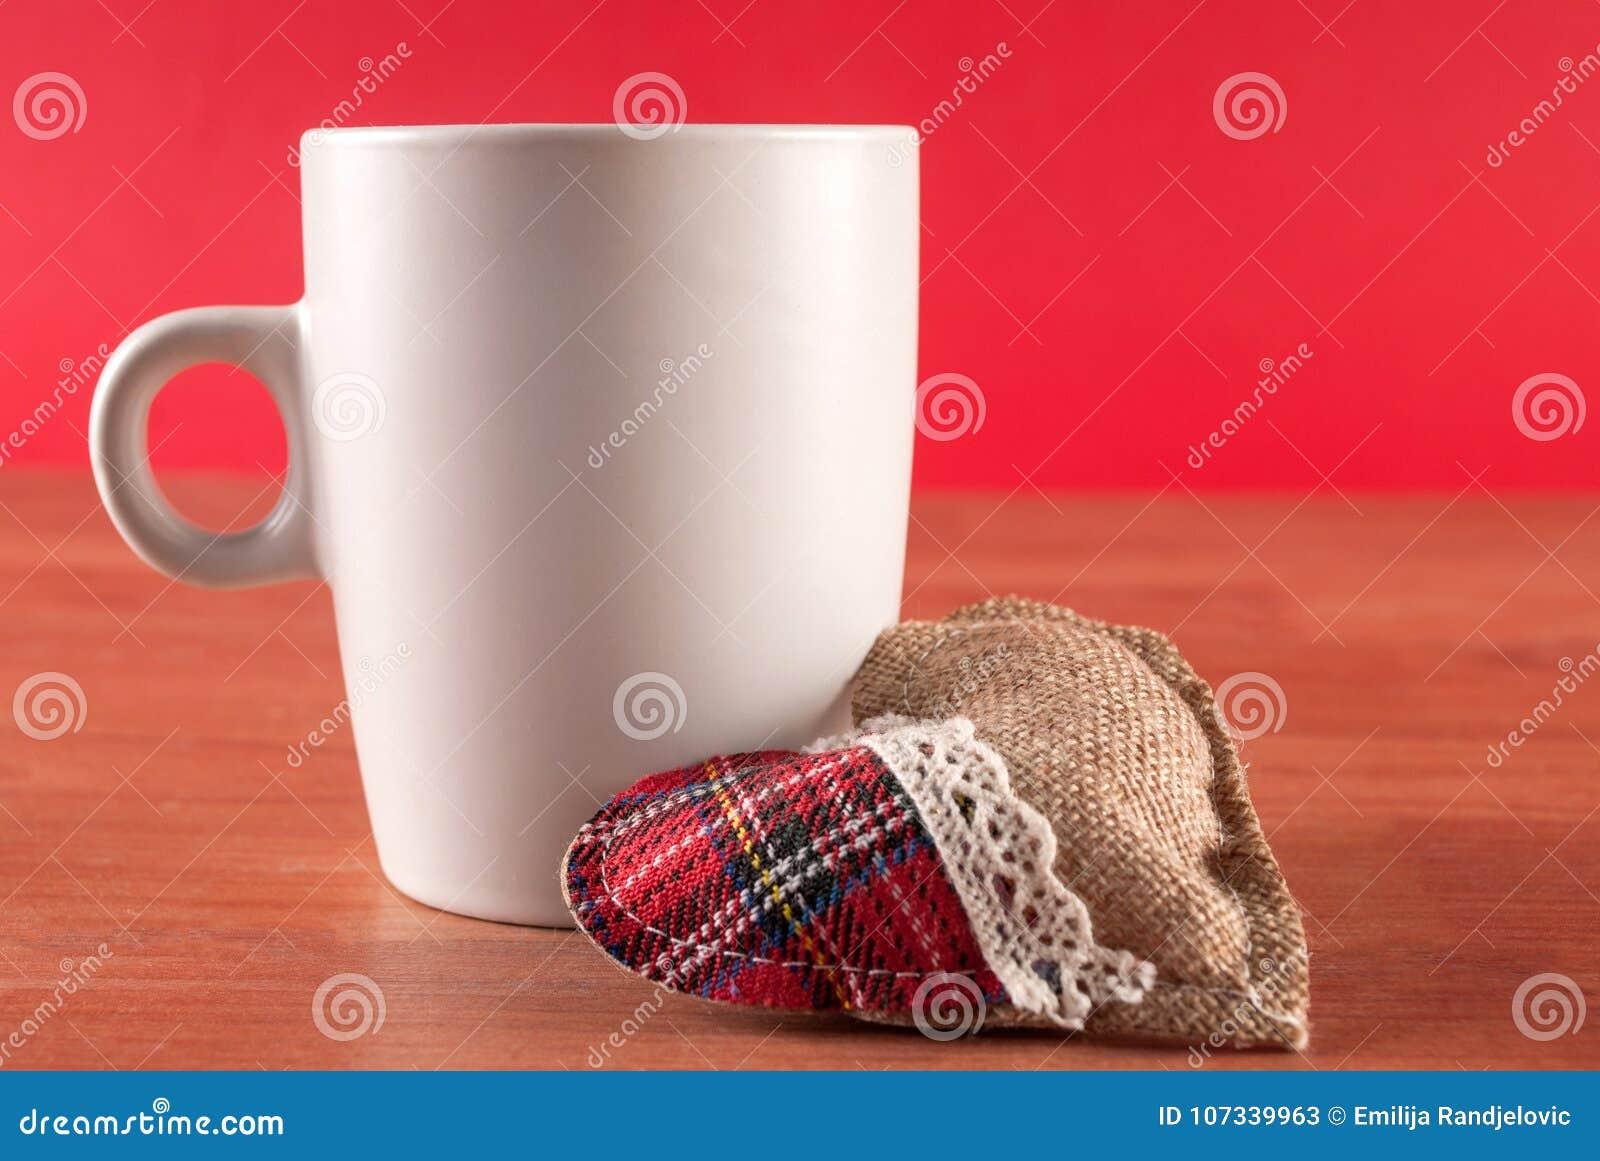 Tasse Kaffee und Herd auf hölzernem Schreibtisch und rotem Hintergrund